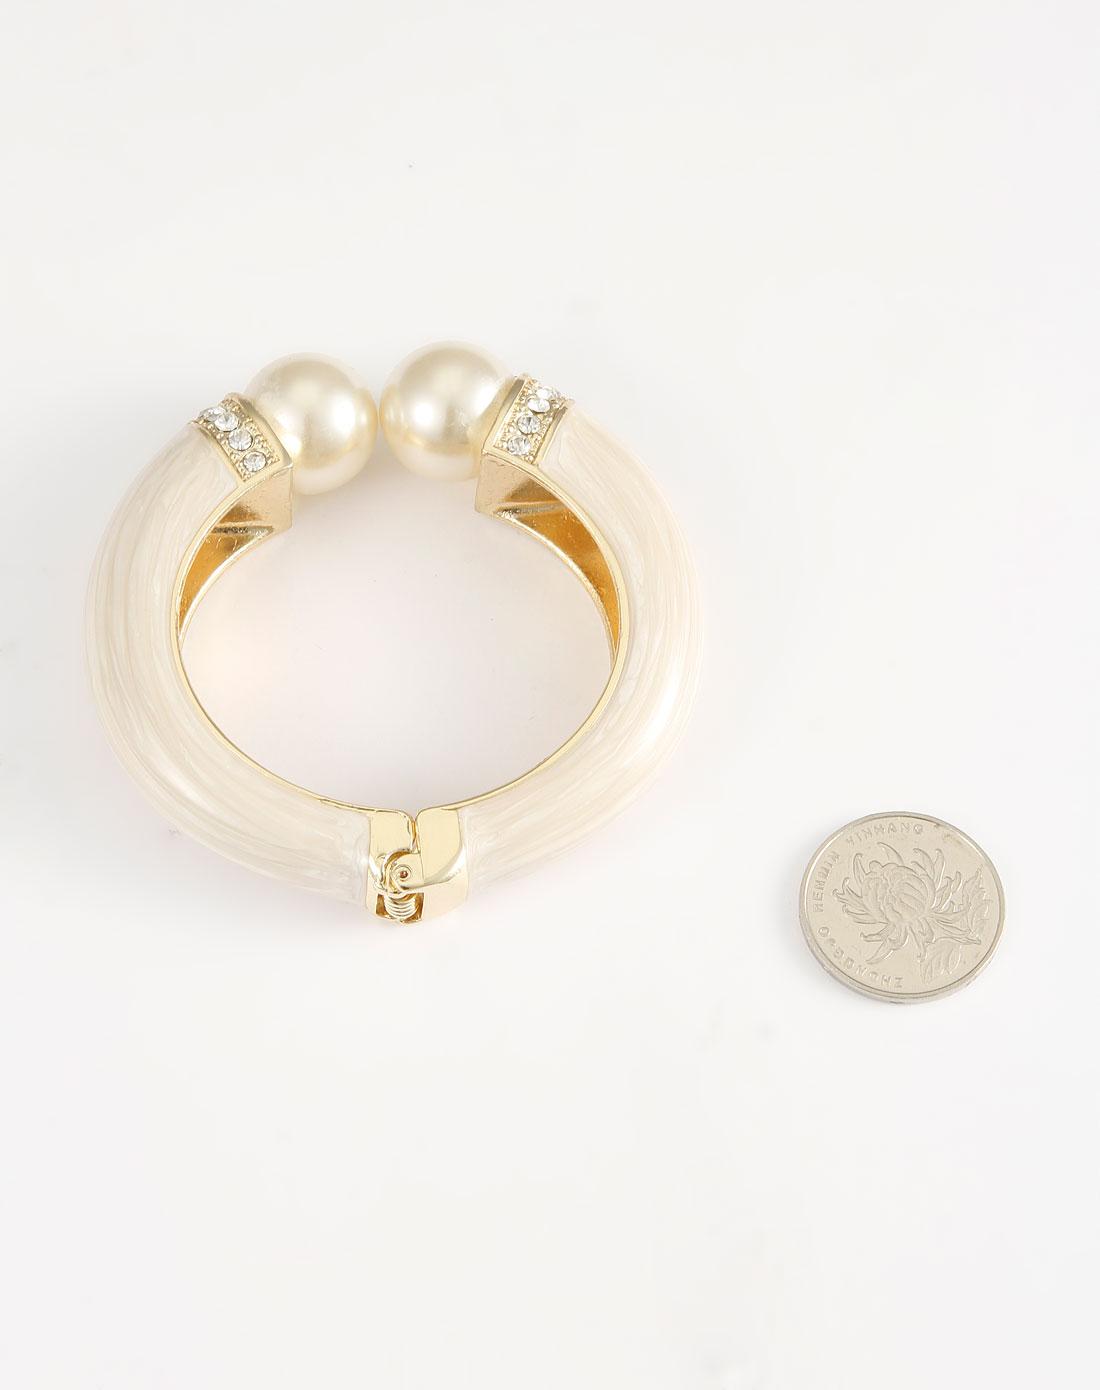 白/金色珍珠时尚手镯